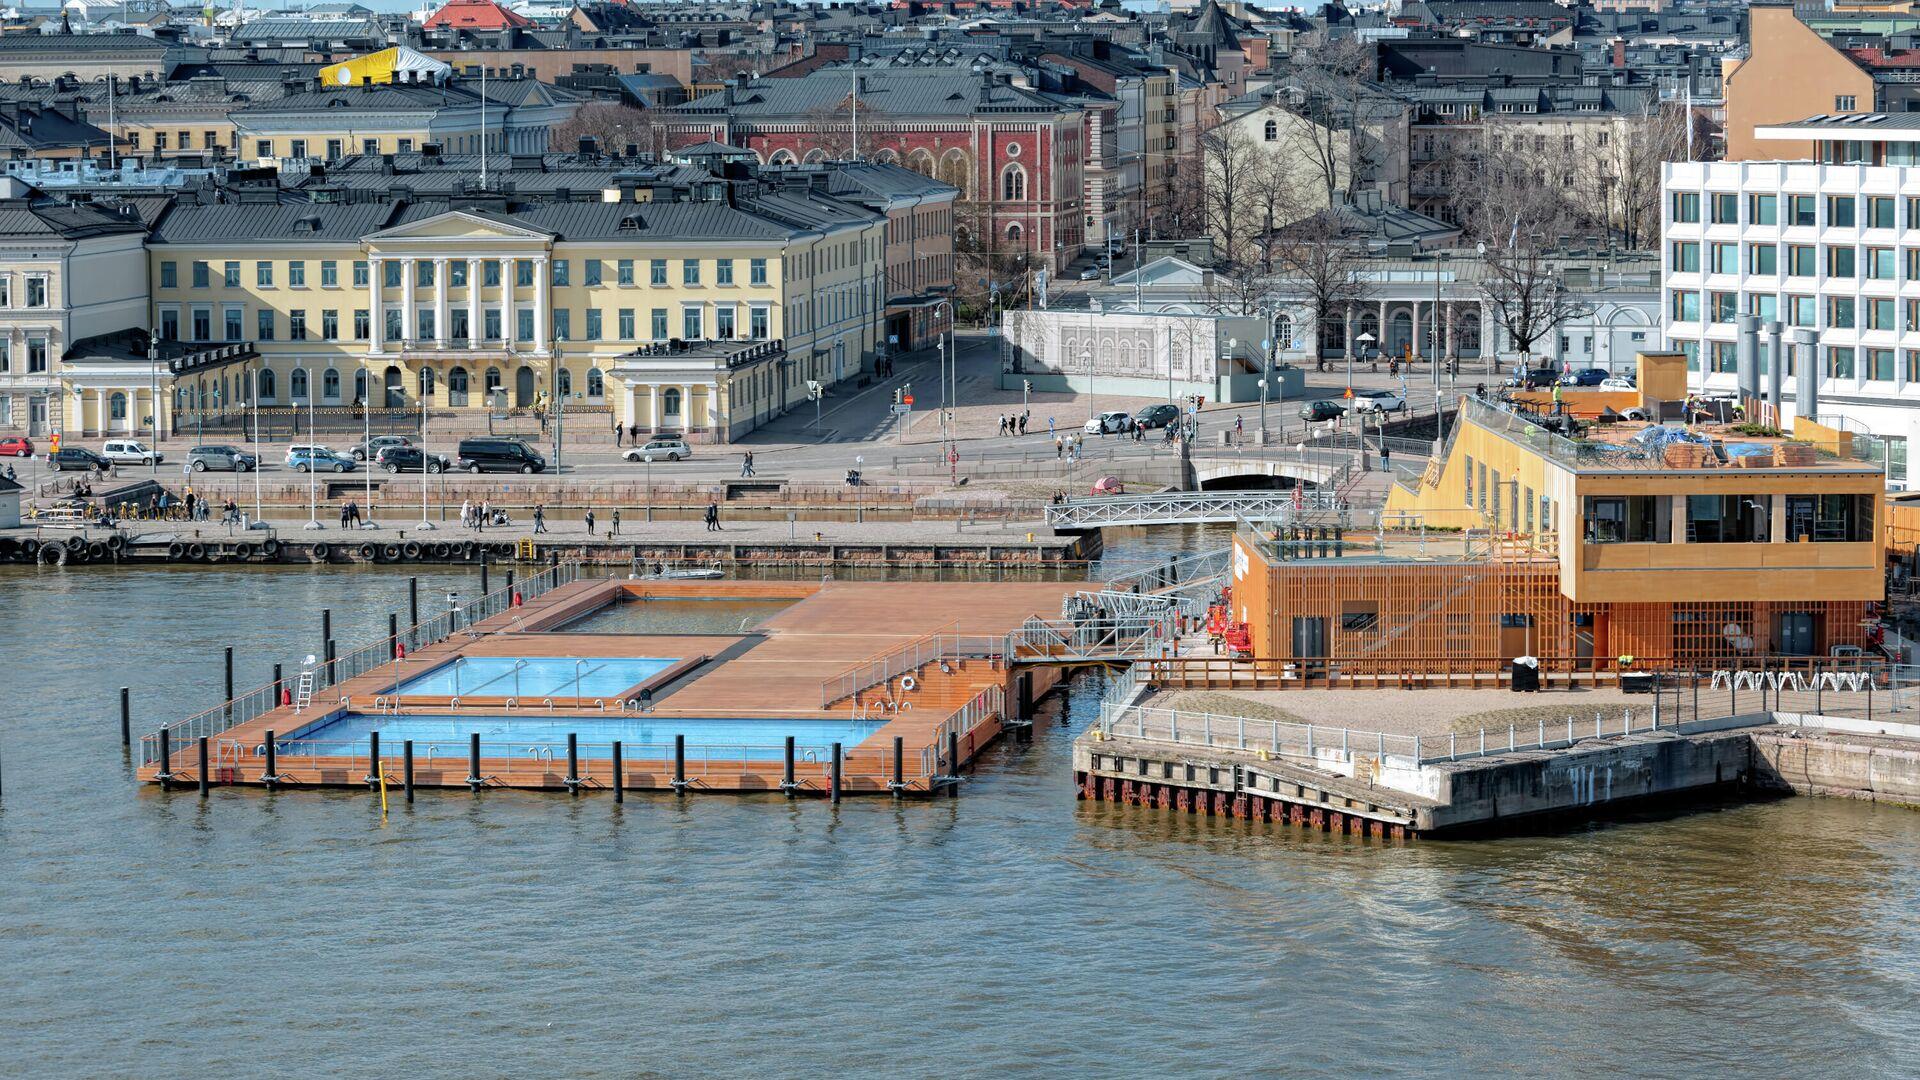 Морской бассейн в Хельсинки - РИА Новости, 1920, 26.01.2020